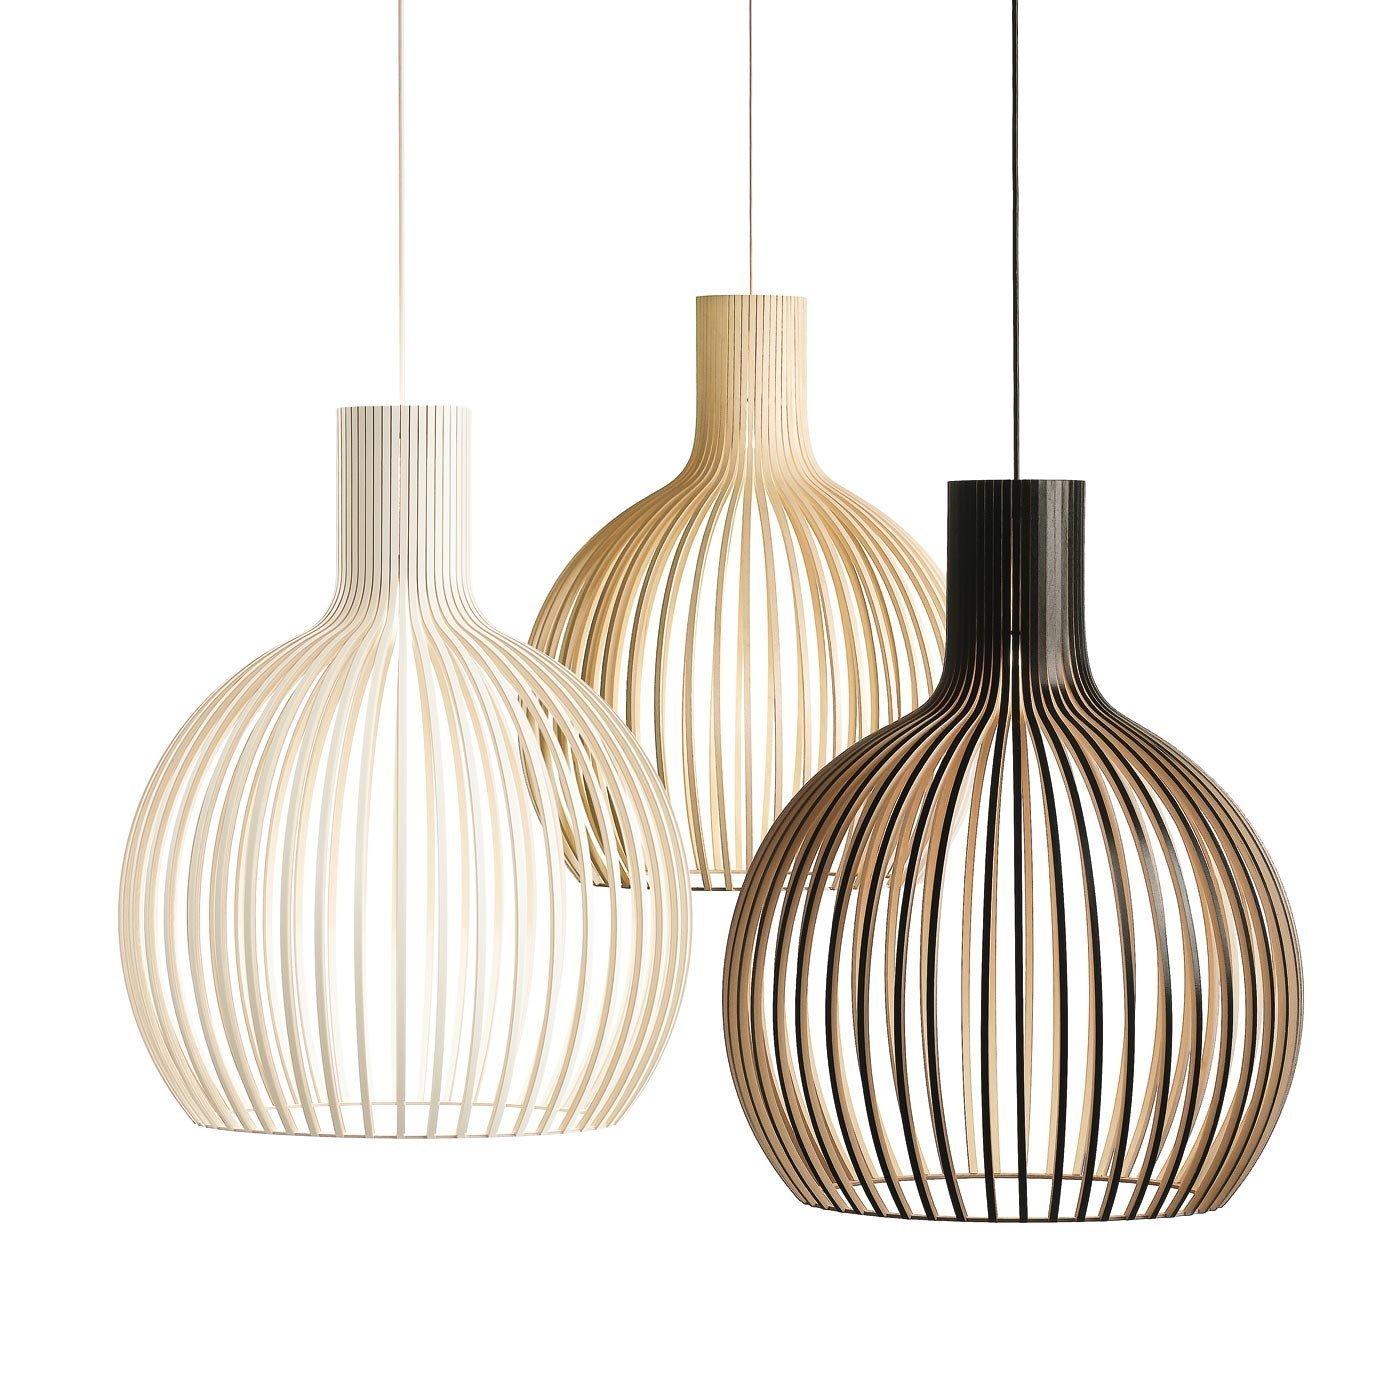 Lustry s výraznějším vzorem rozmělní silné stropní světlo, které je pak příjemnější.